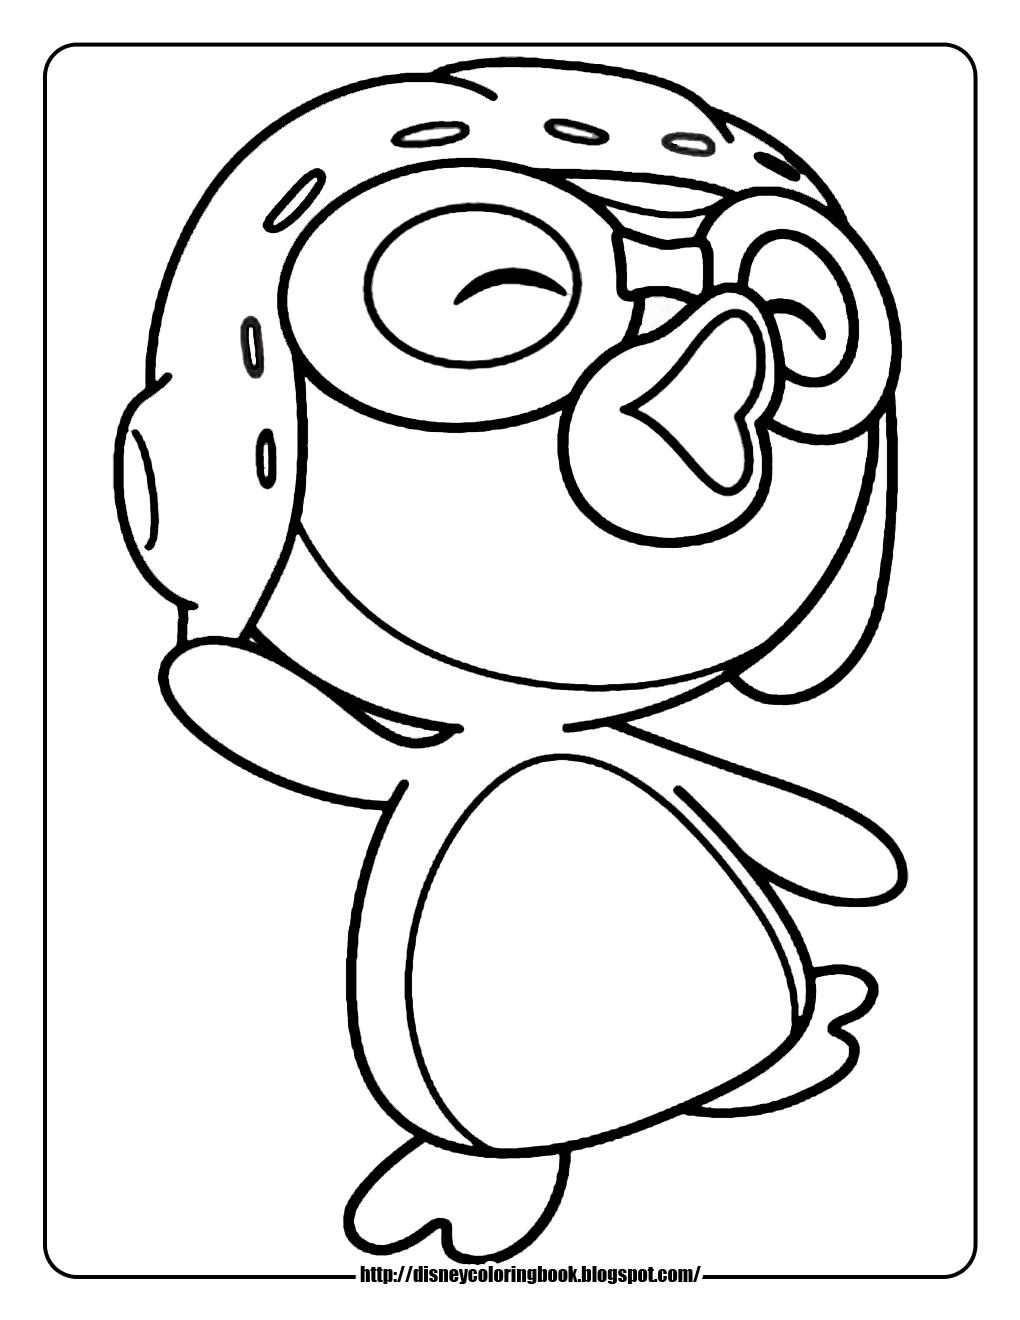 Alles zum Thema Malvorlagen kostenlos - Seite 5 auf  - Malvorlagen Pinguine Kostenlos